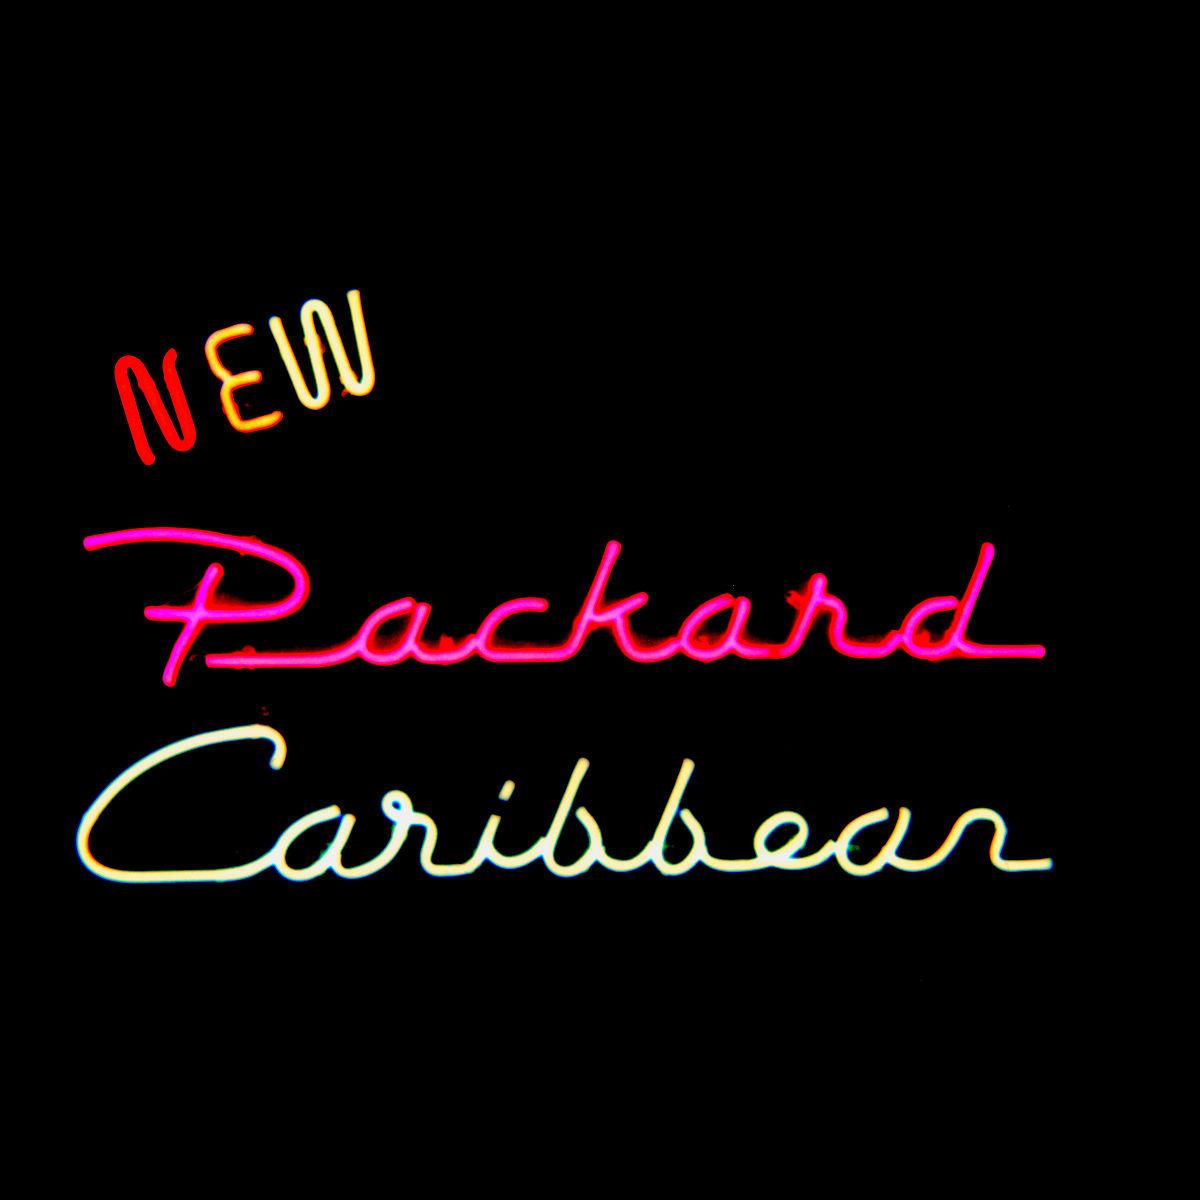 Packard original script neon dealership signs by former Packard Dealer - John Barton